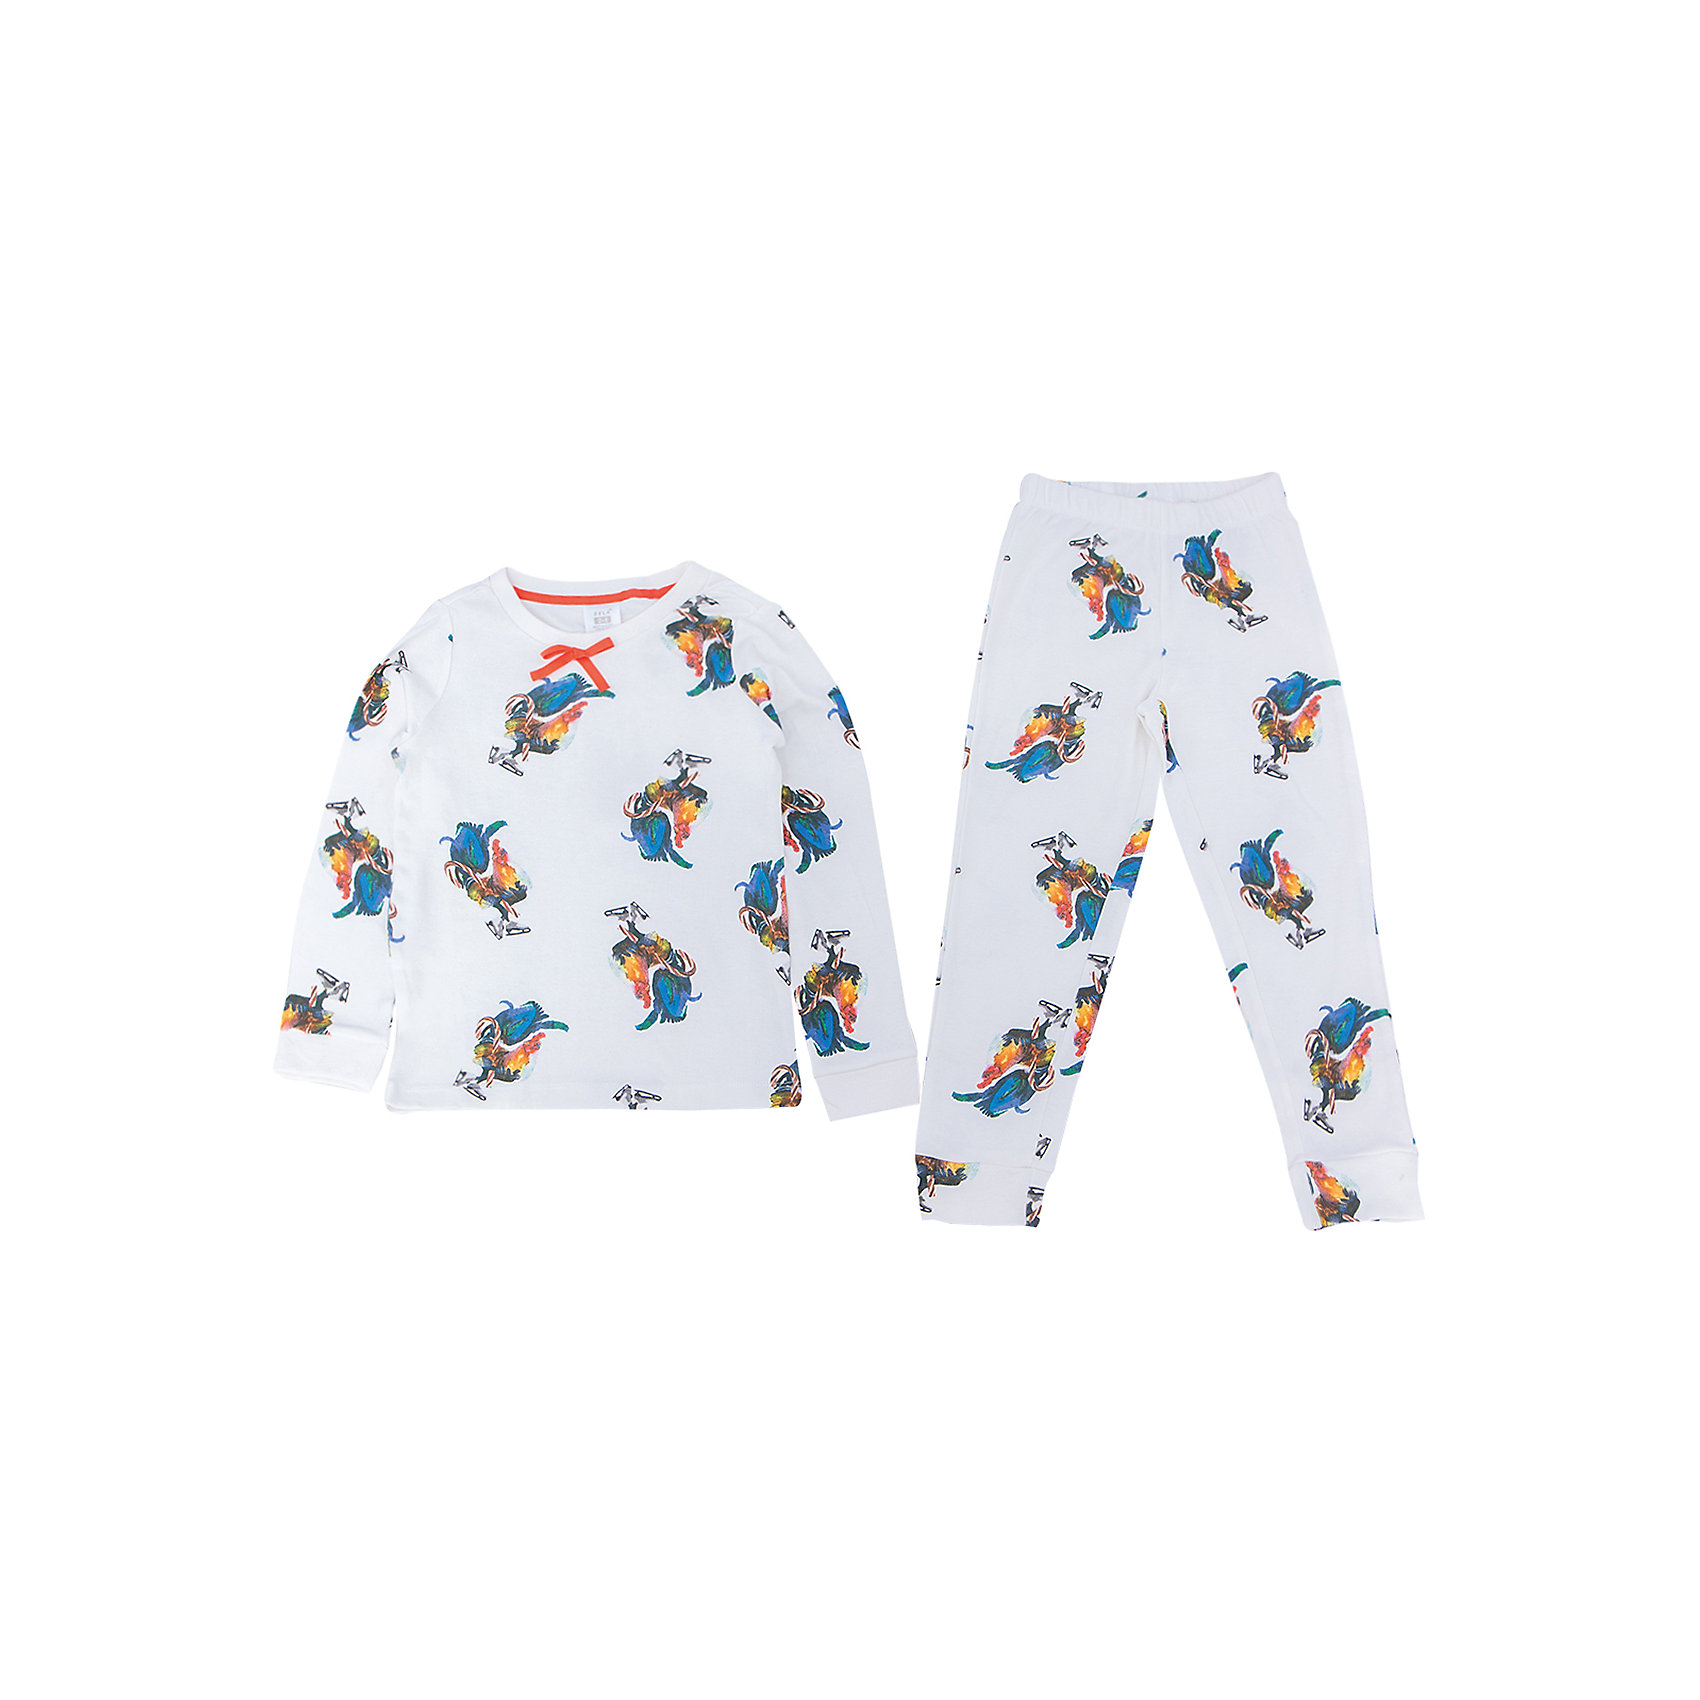 Пижама для девочки SELAПижамы и сорочки<br>Удобная пижама - неотъемлемая составляющая комфортного сна ребенка. Эта модель отлично сидит на девочке, она сшита из приятного на ощупь материала, мягкая и дышащая. Натуральный хлопок в составе ткани не вызывает аллергии и обеспечивает ребенку комфорт. В наборе - футболка с длинным рукавом и штаны, вещи украшены симпатичным принтом.<br>Одежда от бренда Sela (Села) - это качество по приемлемым ценам. Многие российские родители уже оценили преимущества продукции этой компании и всё чаще приобретают одежду и аксессуары Sela.<br><br>Дополнительная информация:<br><br>цвет: молочый;<br>материал: 100% хлопок;<br>принт;<br>трикотаж.<br><br>Пижаму для девочки от бренда Sela можно купить в нашем интернет-магазине.<br><br>Ширина мм: 281<br>Глубина мм: 70<br>Высота мм: 188<br>Вес г: 295<br>Цвет: белый<br>Возраст от месяцев: 24<br>Возраст до месяцев: 36<br>Пол: Женский<br>Возраст: Детский<br>Размер: 92/98,104/110,116/122,128/134,140/146<br>SKU: 5020256